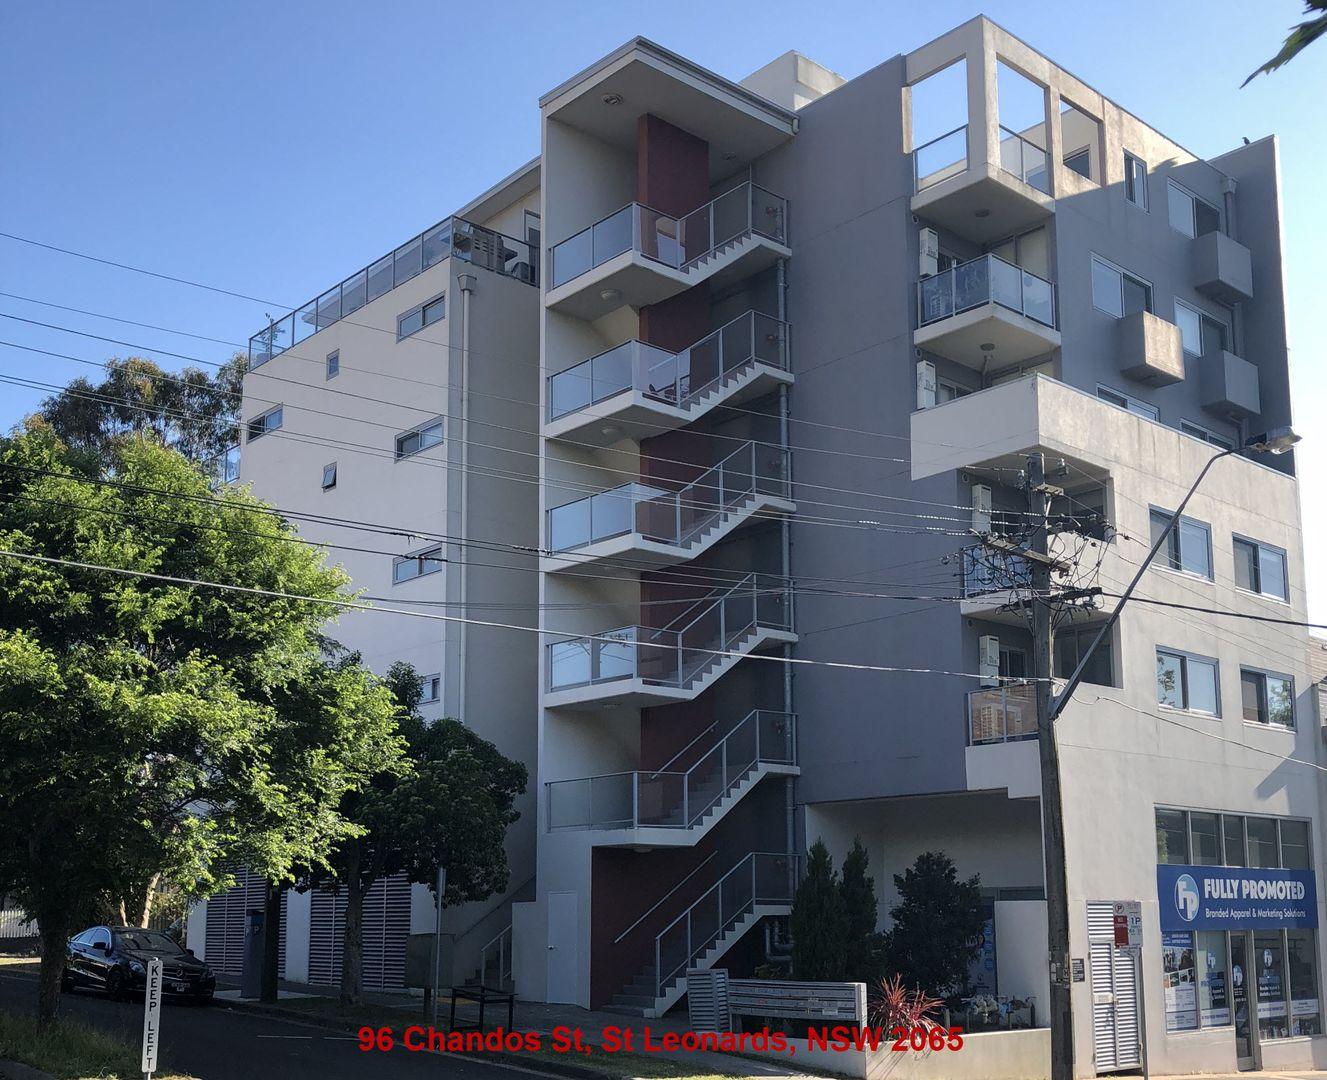 14/96 Chandos Street, Naremburn NSW 2065, Image 0